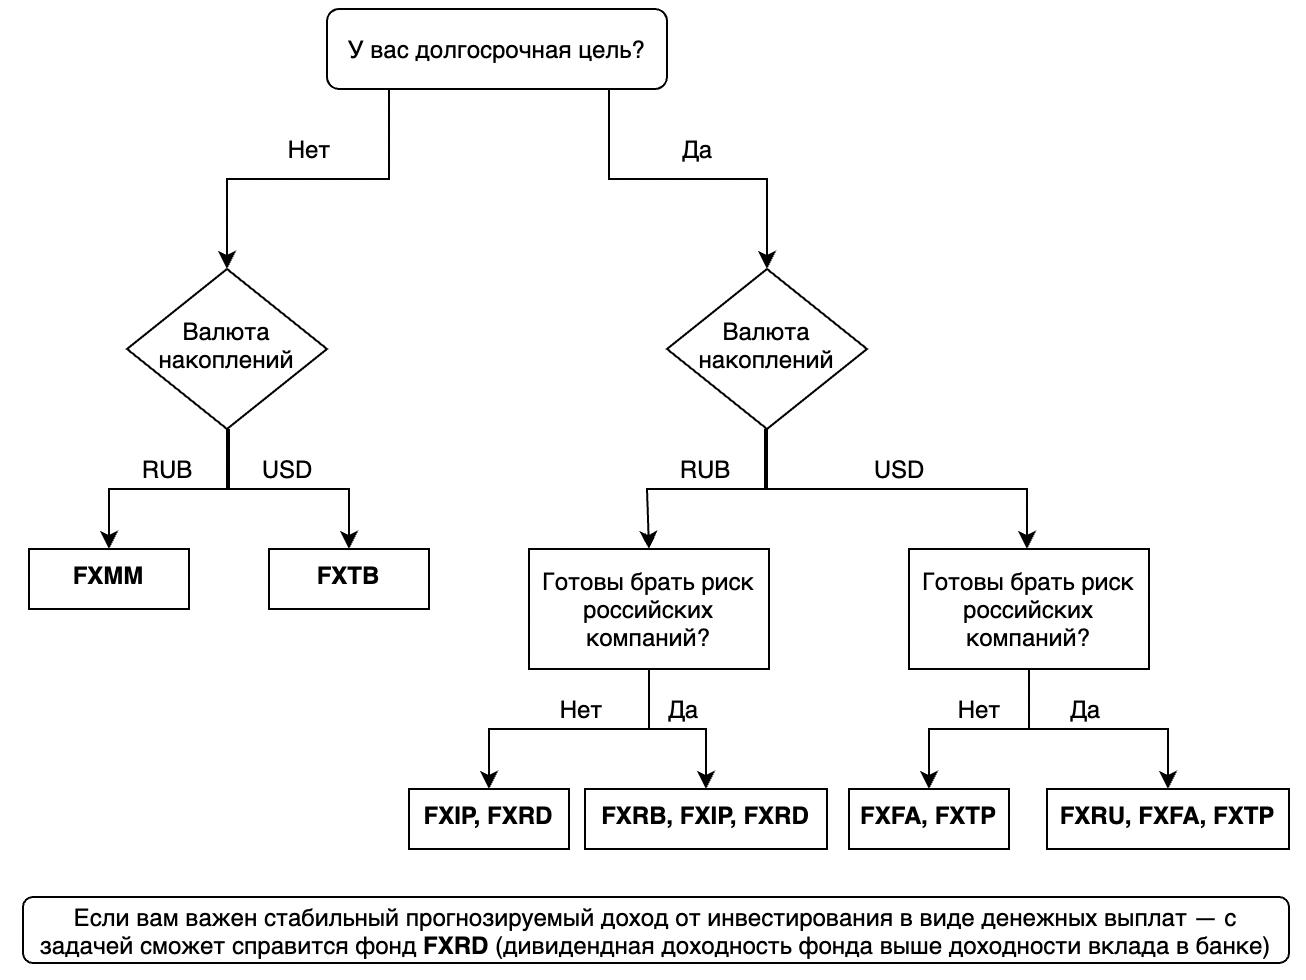 Алгоритм выбора облигационных фондов в портфель